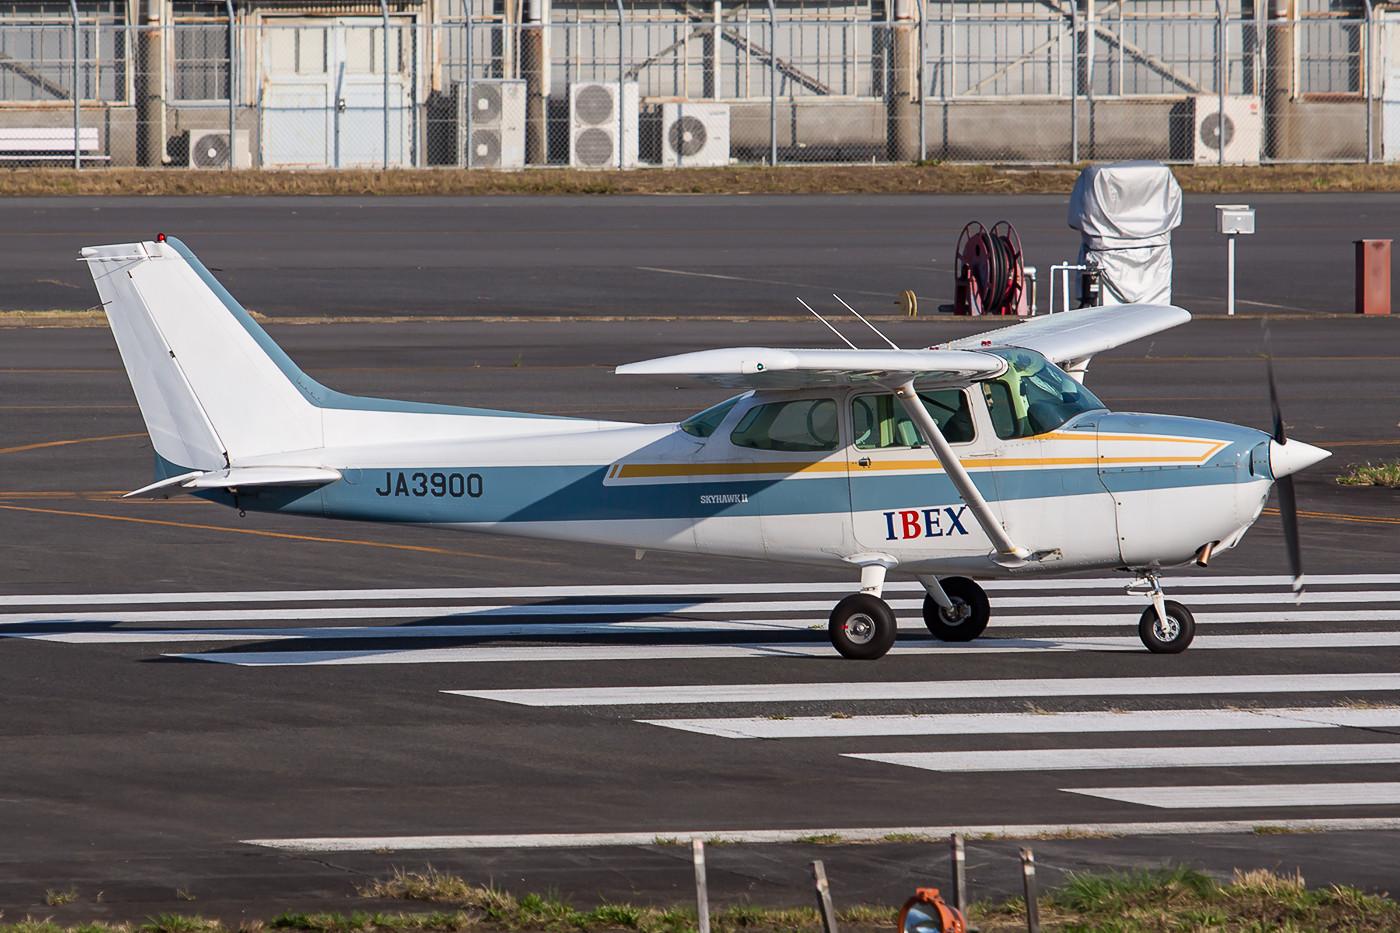 Nochmal eine Maschine der IBEX, die mit Maschinen der Canadair-Reihe für ANA Inlandsstrecken bedient.